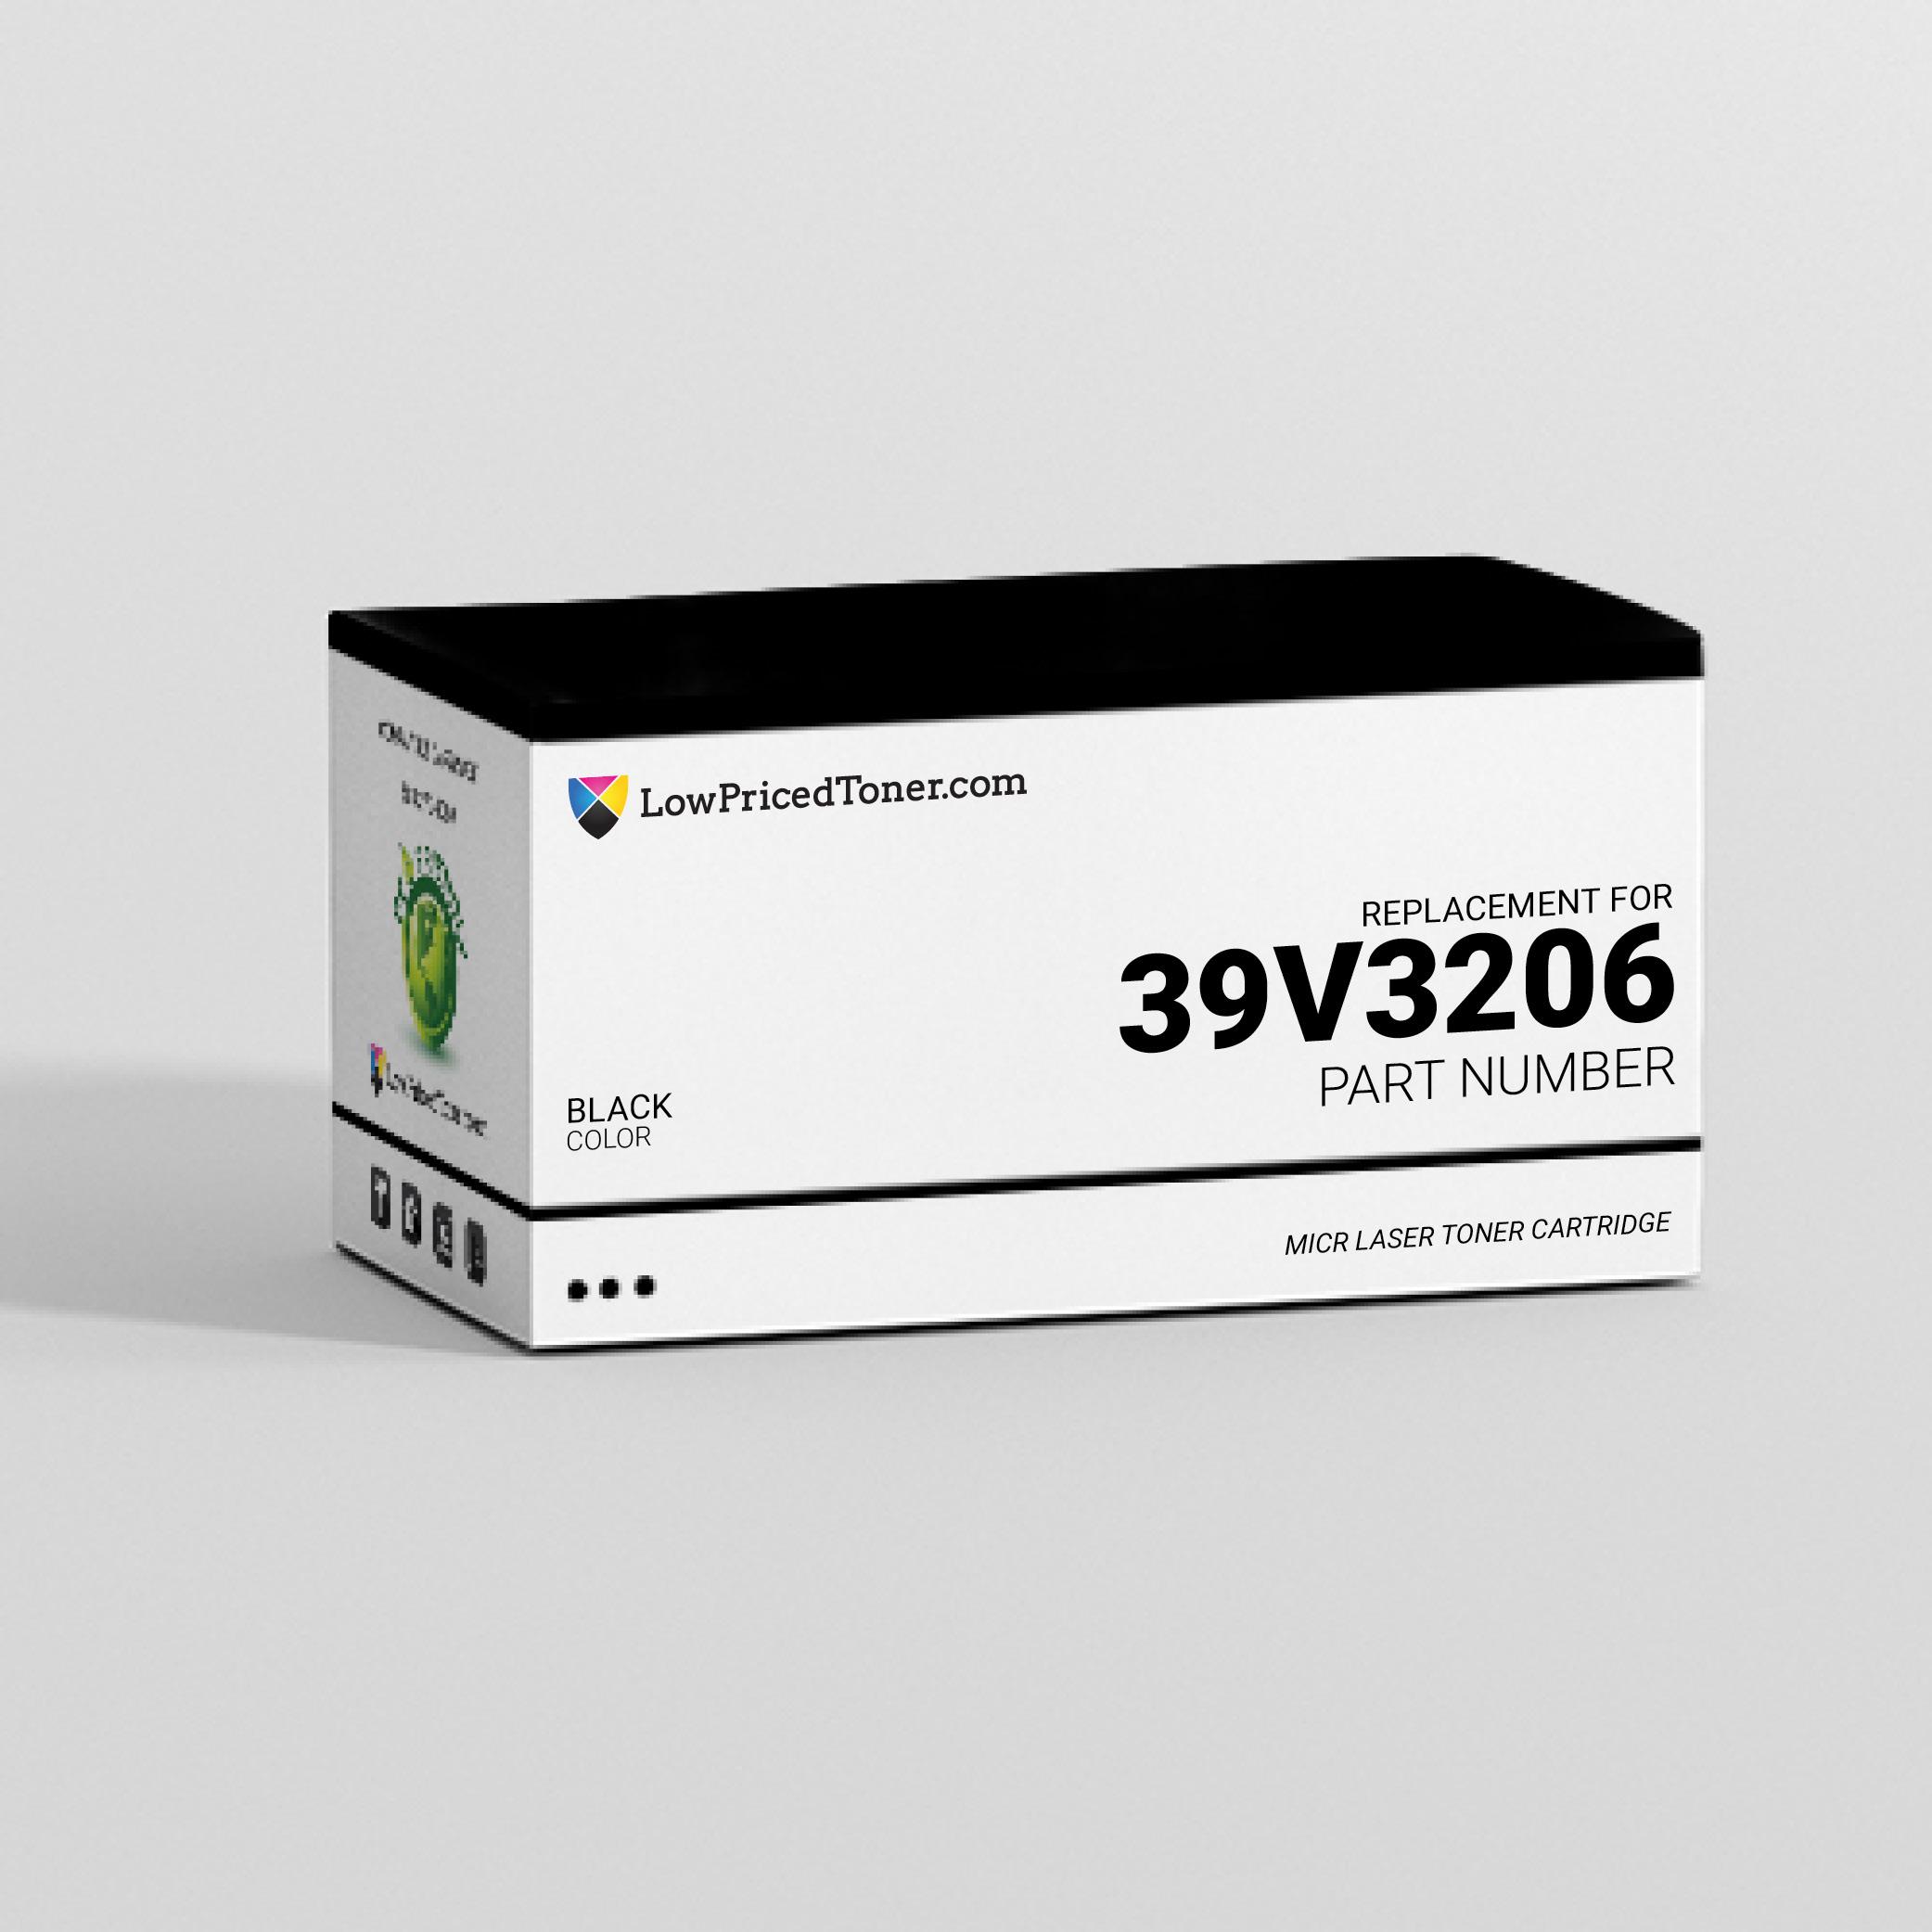 IBM 39V3206 Remanufactured Black MICR Laser Toner Cartridge